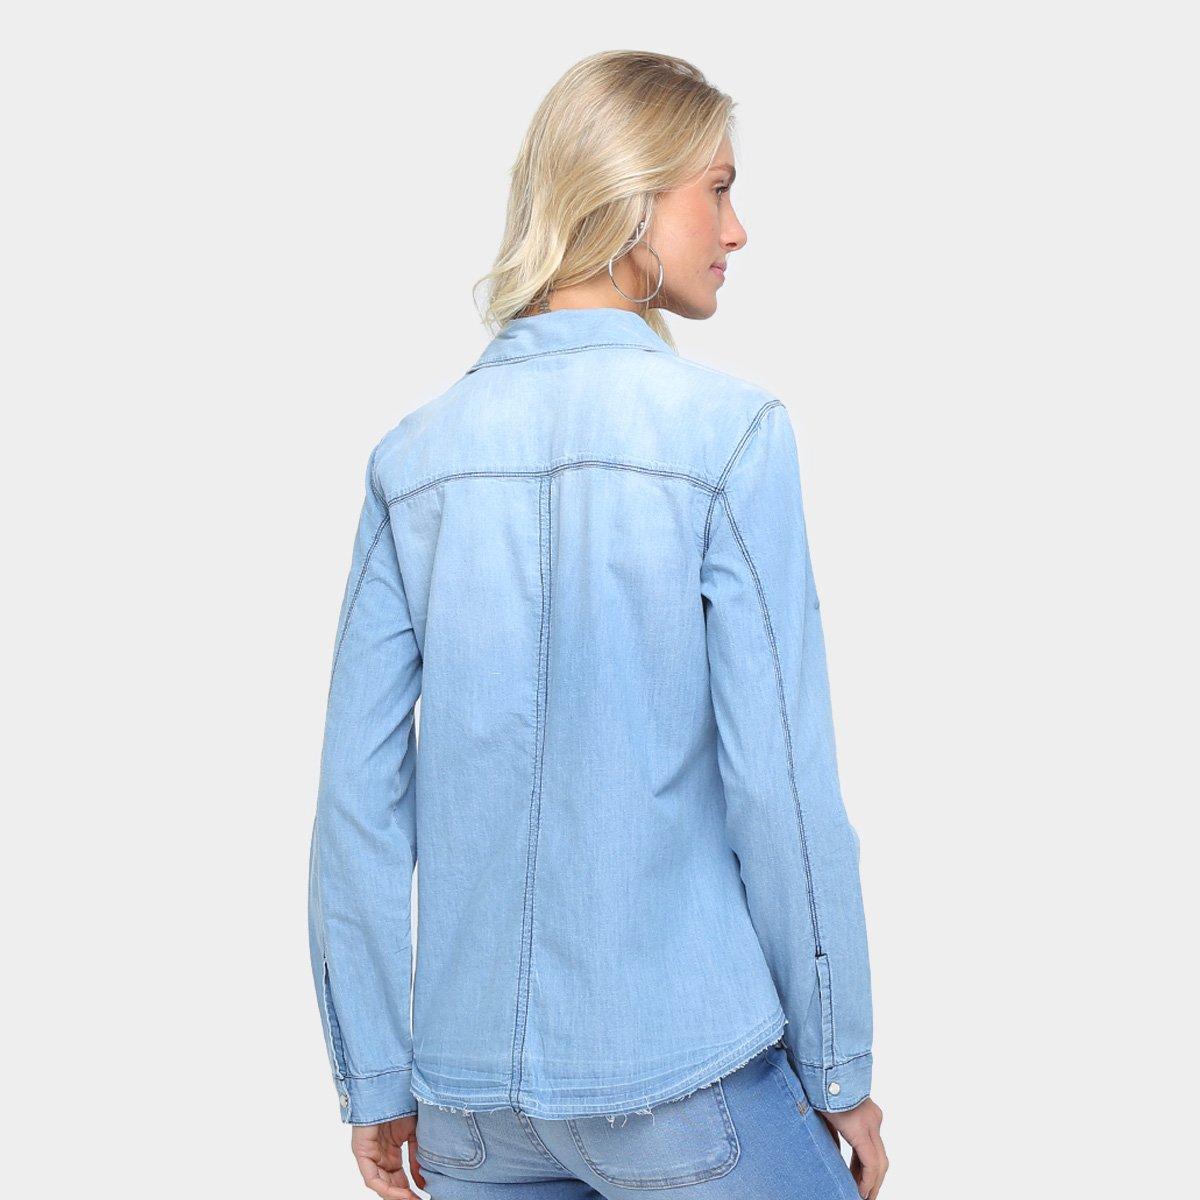 145ebb23c5 Camisa Jeans Colcci Estonada Manga Longa Feminina